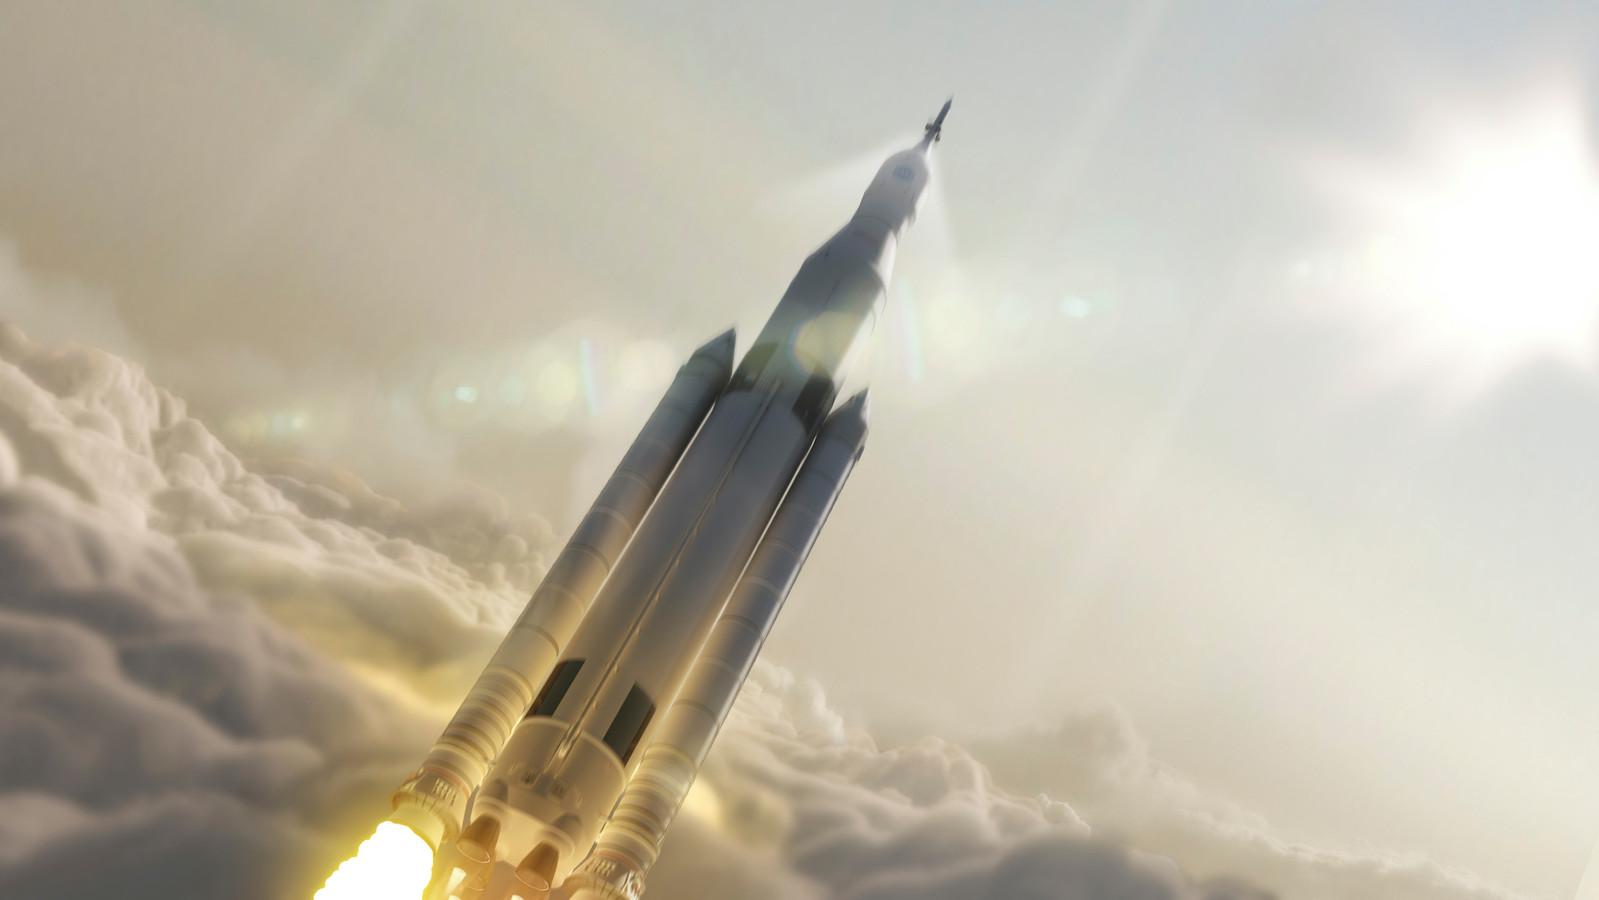 NASA werkt al jaren aan een eigen superzware raket, zoals deze artist impression uit 2014 laat zien.